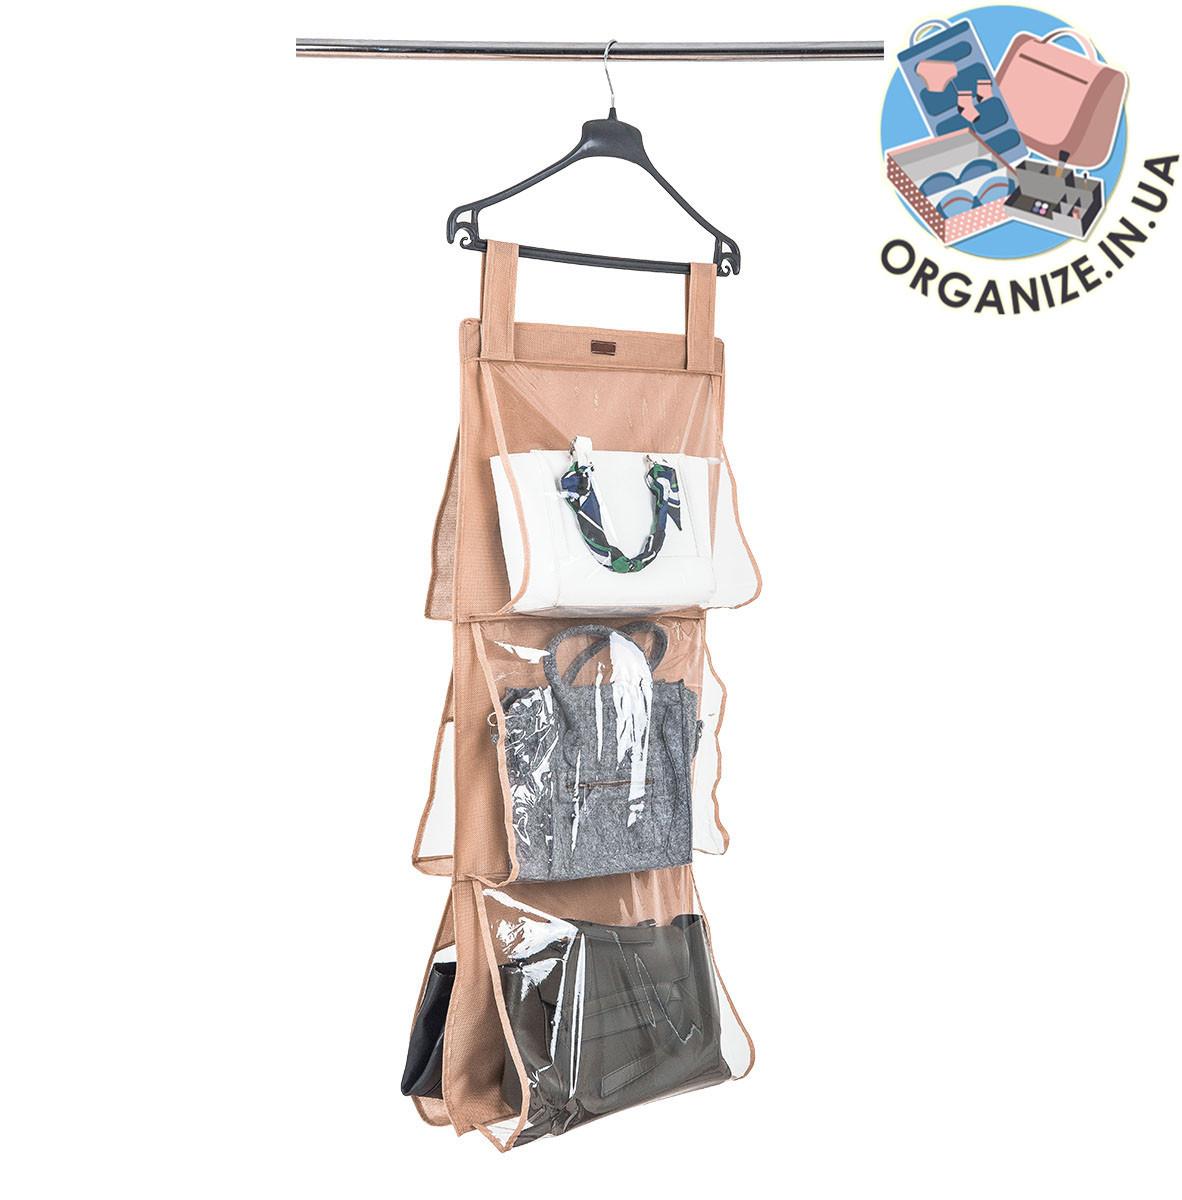 Подвесной органайзер для хранения сумок L ORGANIZE (бежевый)